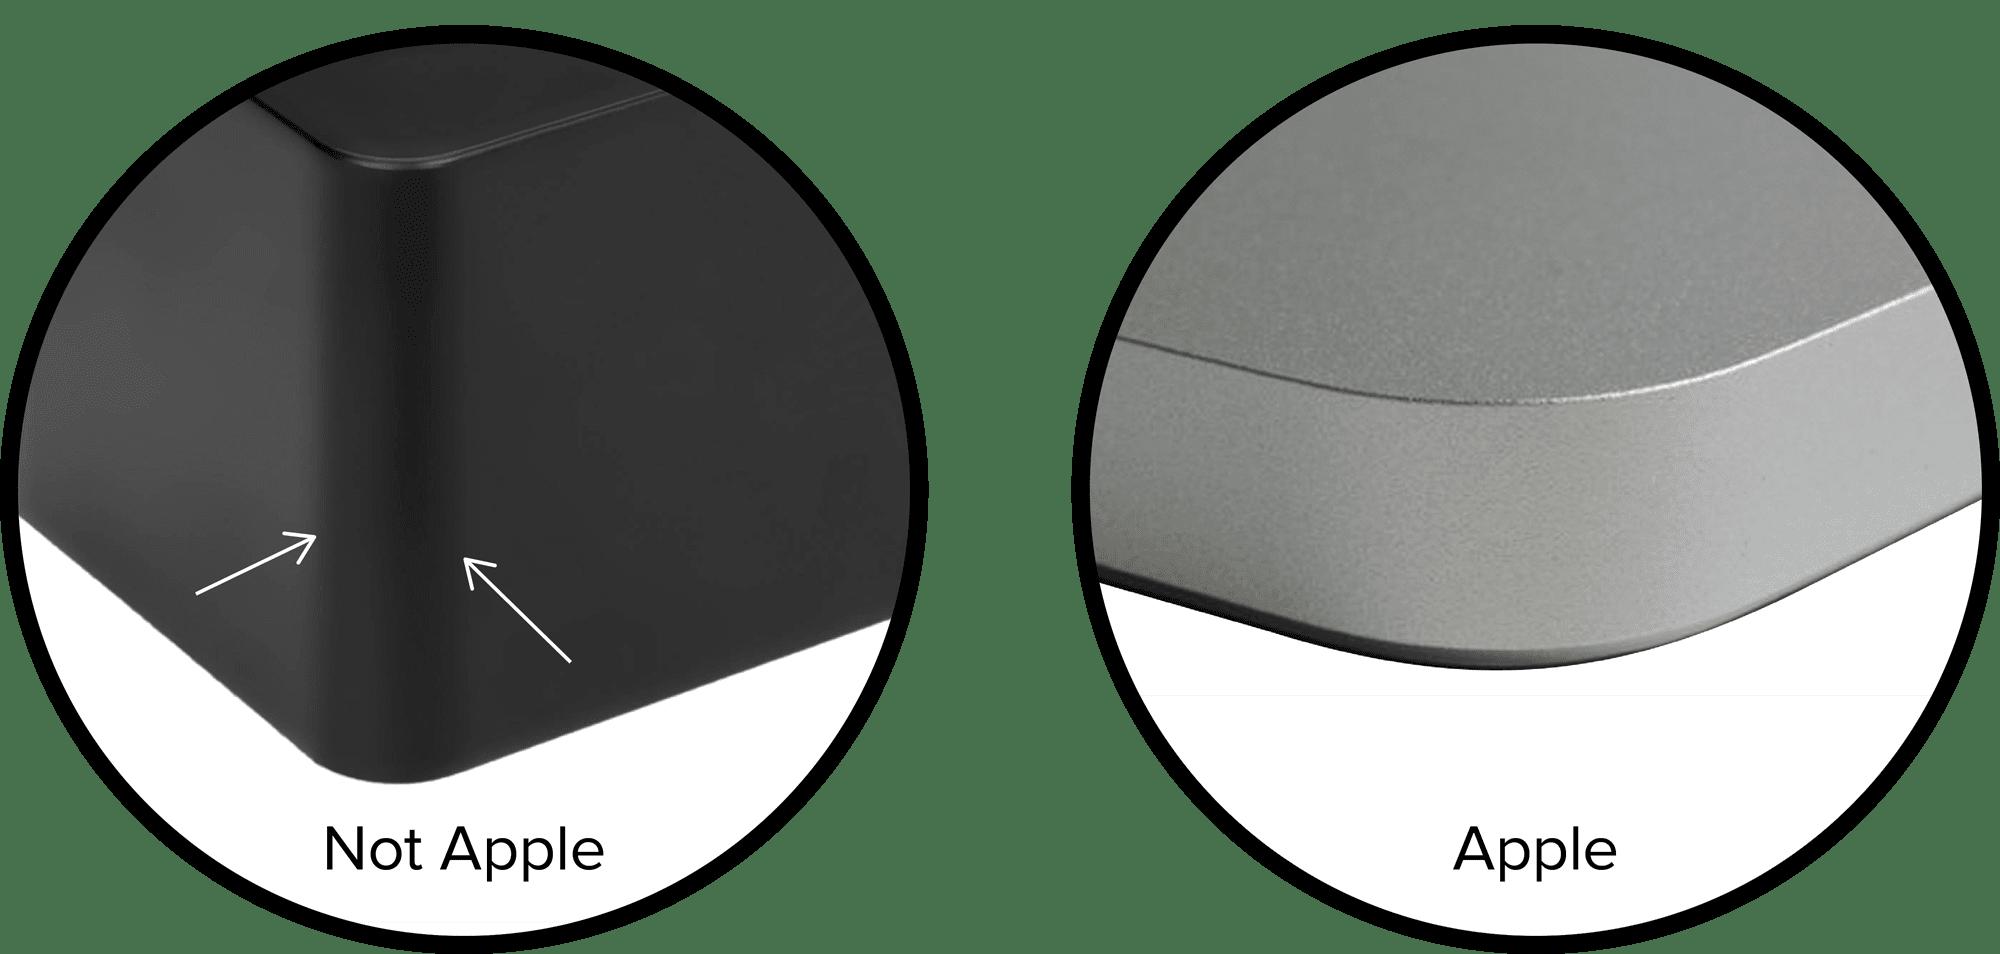 apple macbook corner curve - Ako tvar ikoniek v iOS súvisí s industriálnym dizajnom produktov